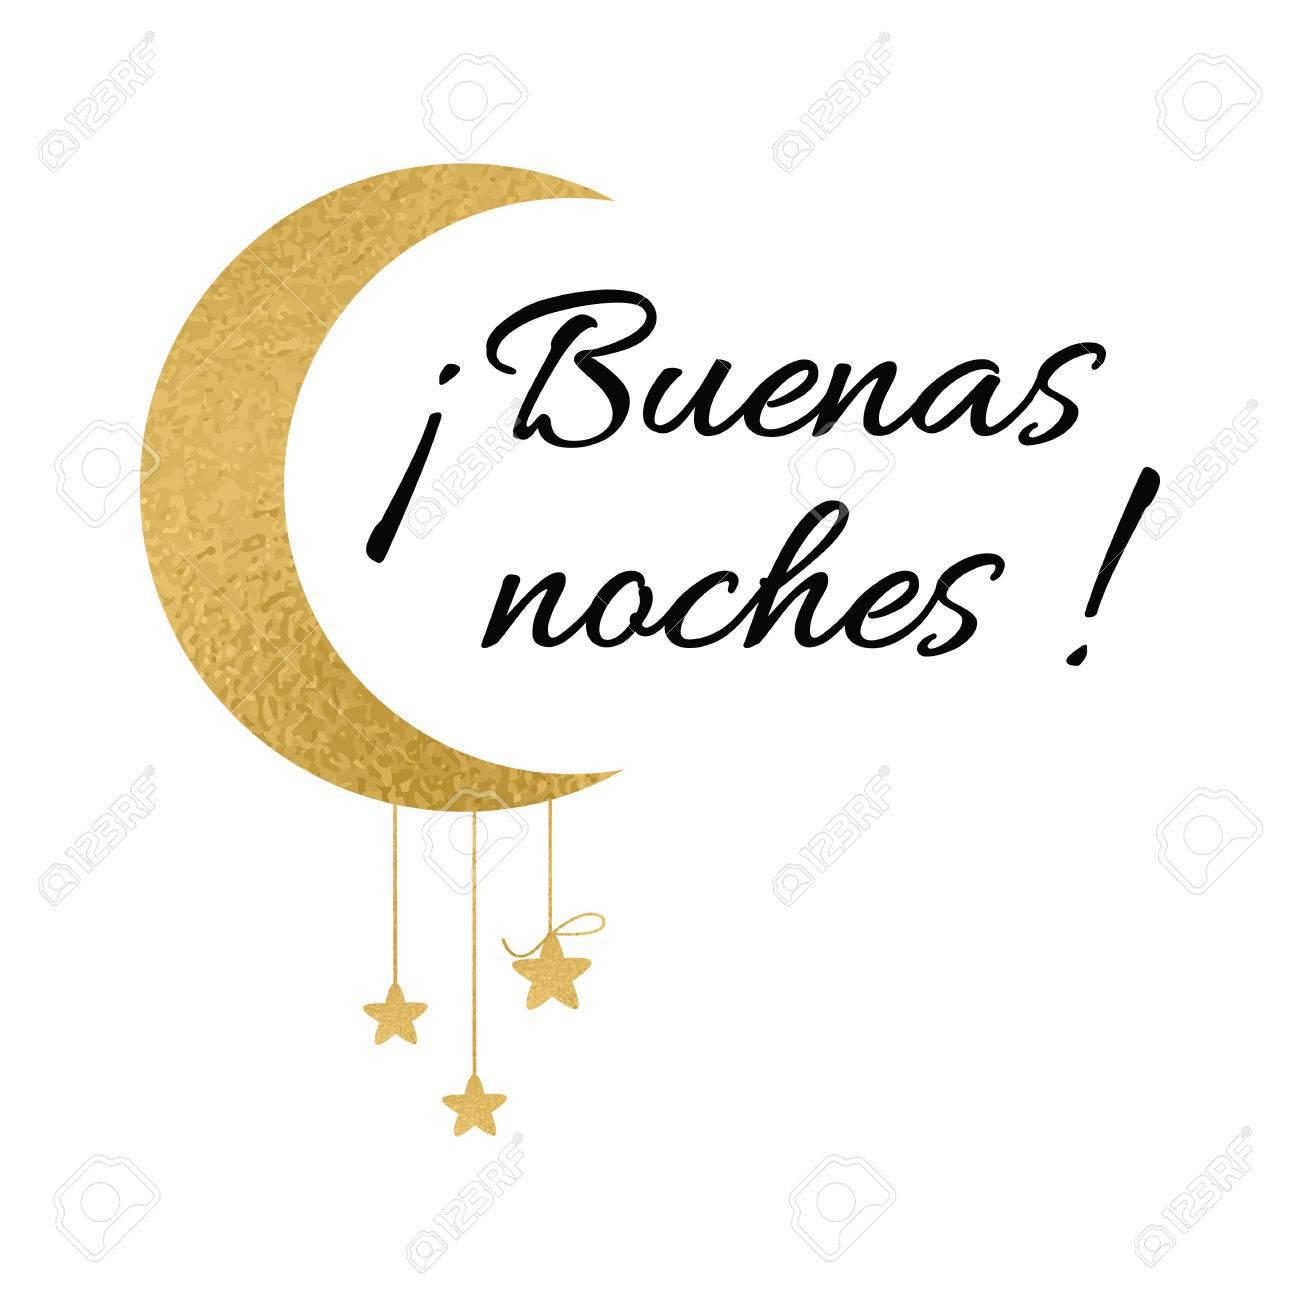 Symbole Avec Texte Bonne Nuit En Langue Espagnole Souhaitant La Bannière Avec La Lune Et Les étoiles Dans Des Couleurs Or